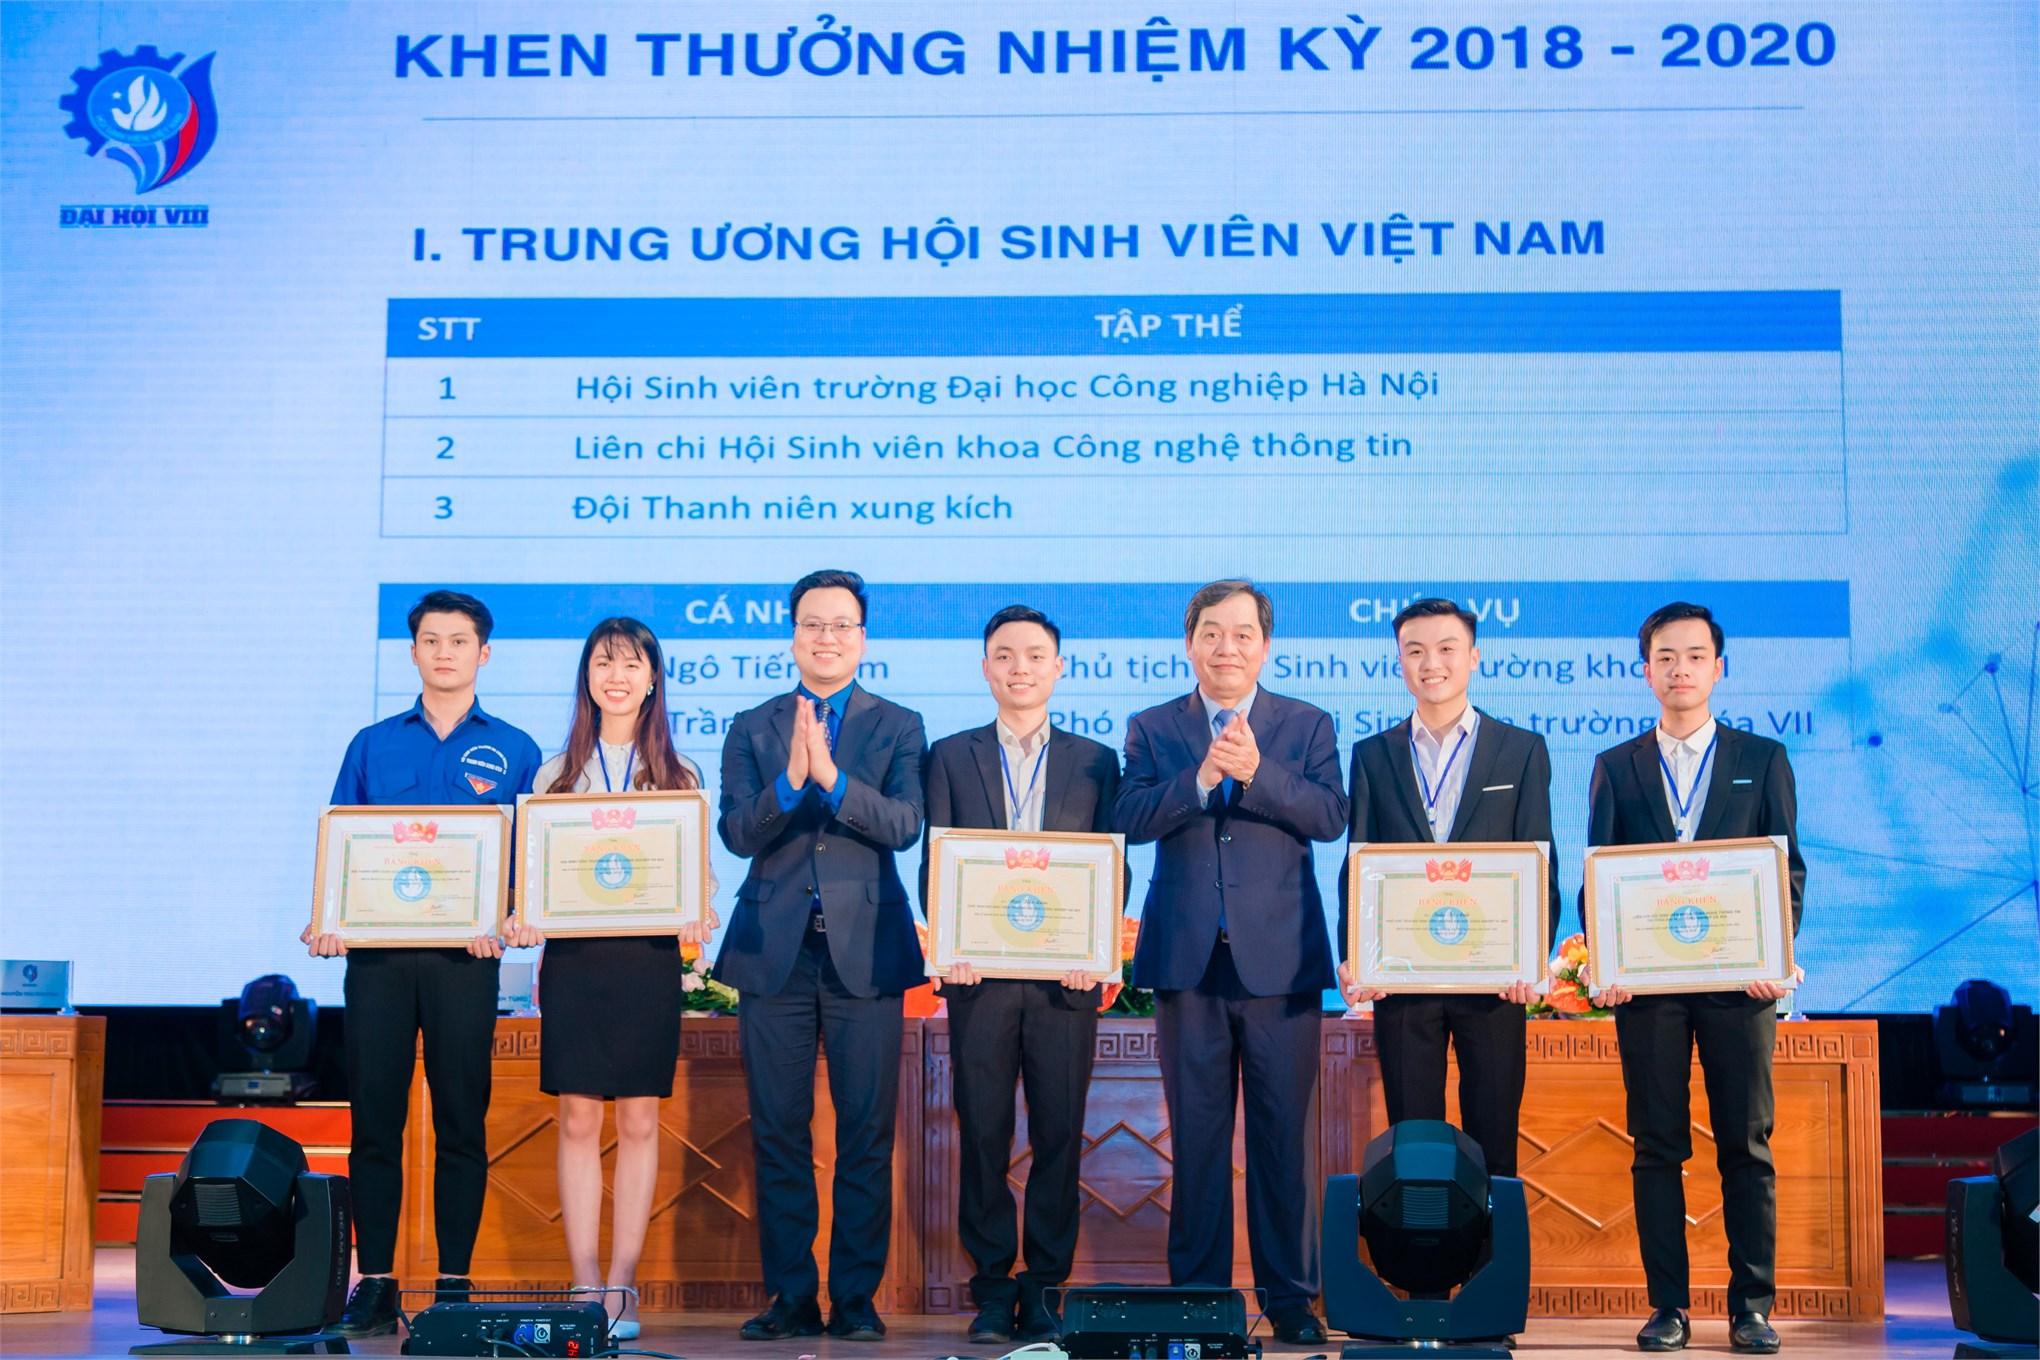 Khen thưởng tập thể và cá nhân xuất sắc nhiệm kỳ 2018 - 2020